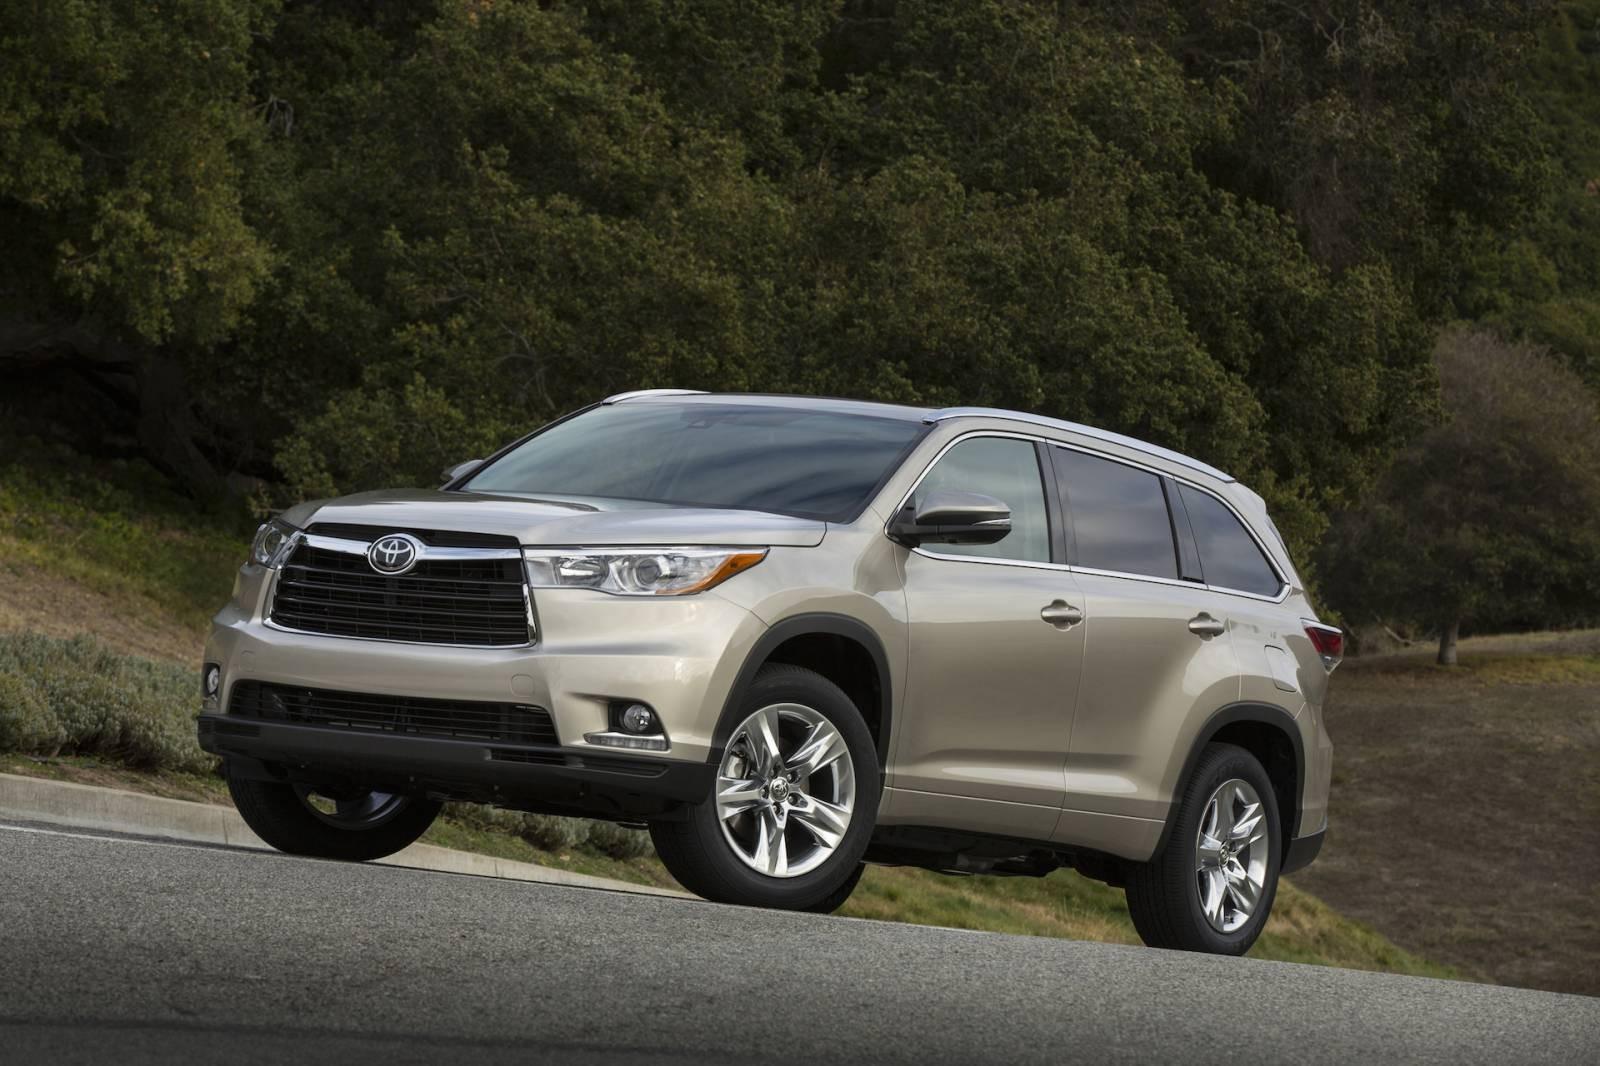 Toyota заняла первое место по объему продаж подержанных SUV в России